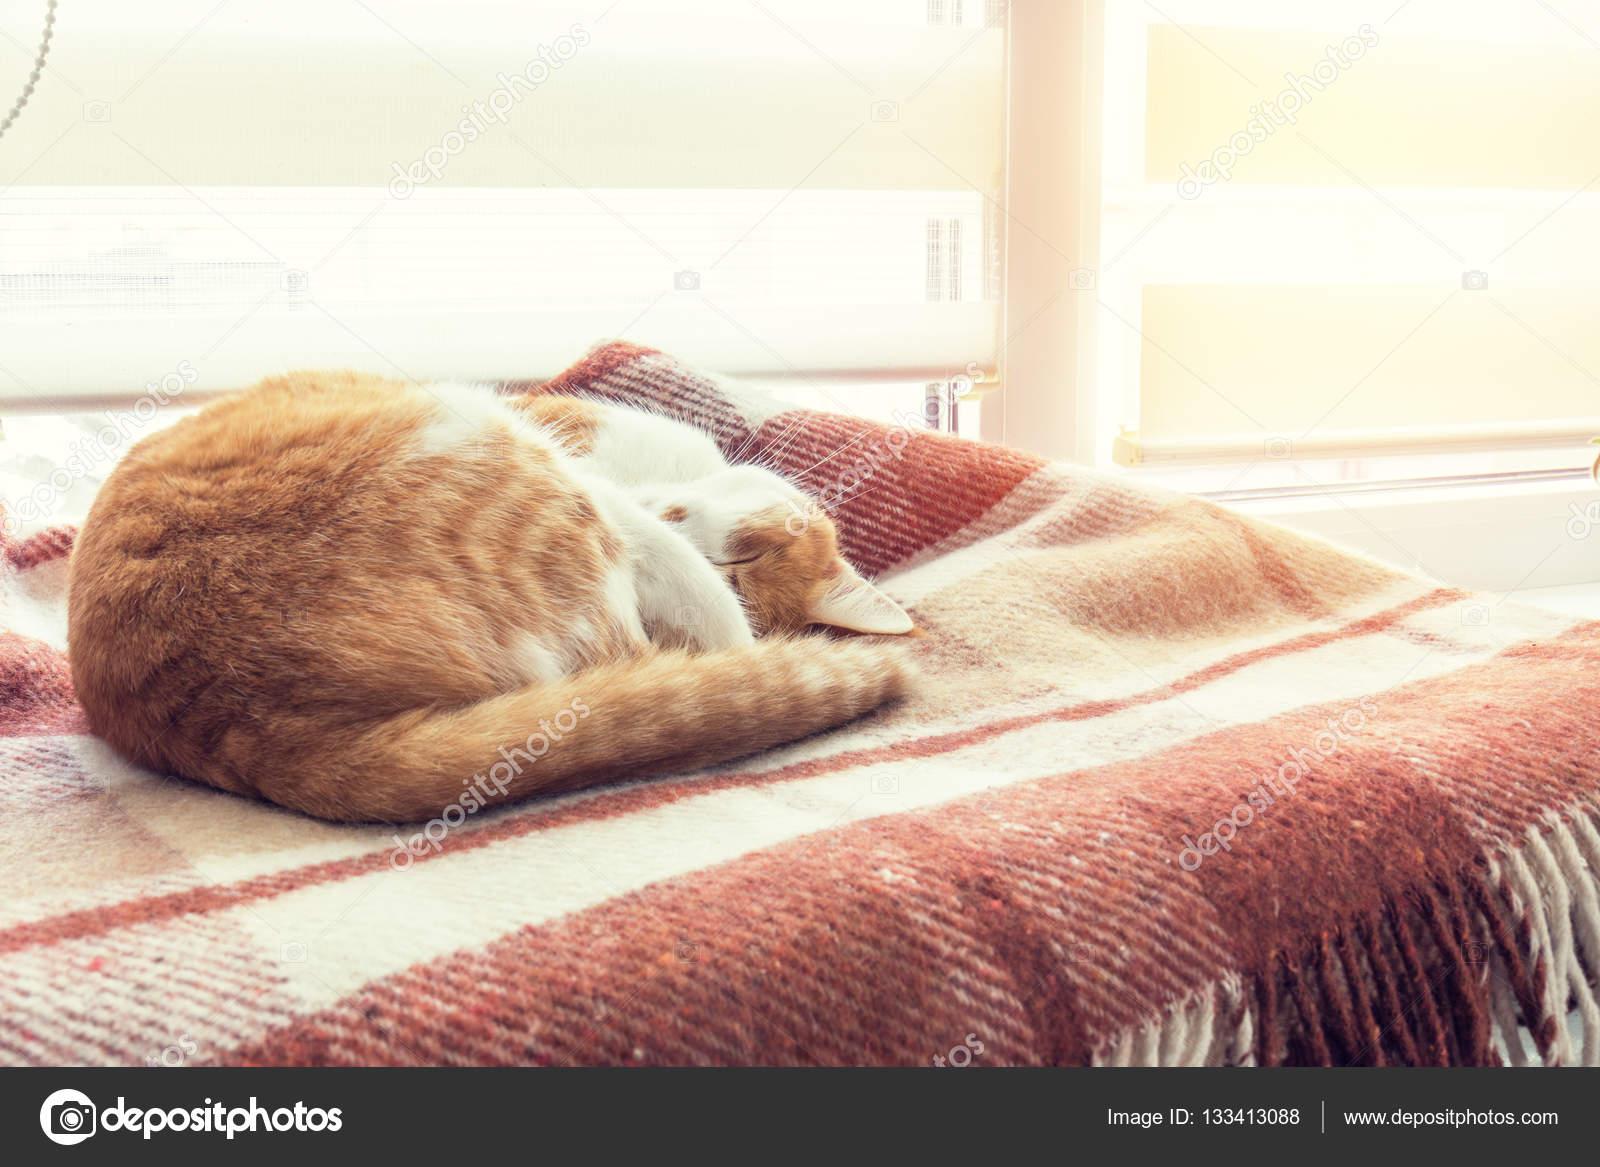 Gatto Rosso Che Dorme In Coperta Plaid Lana Calda Foto